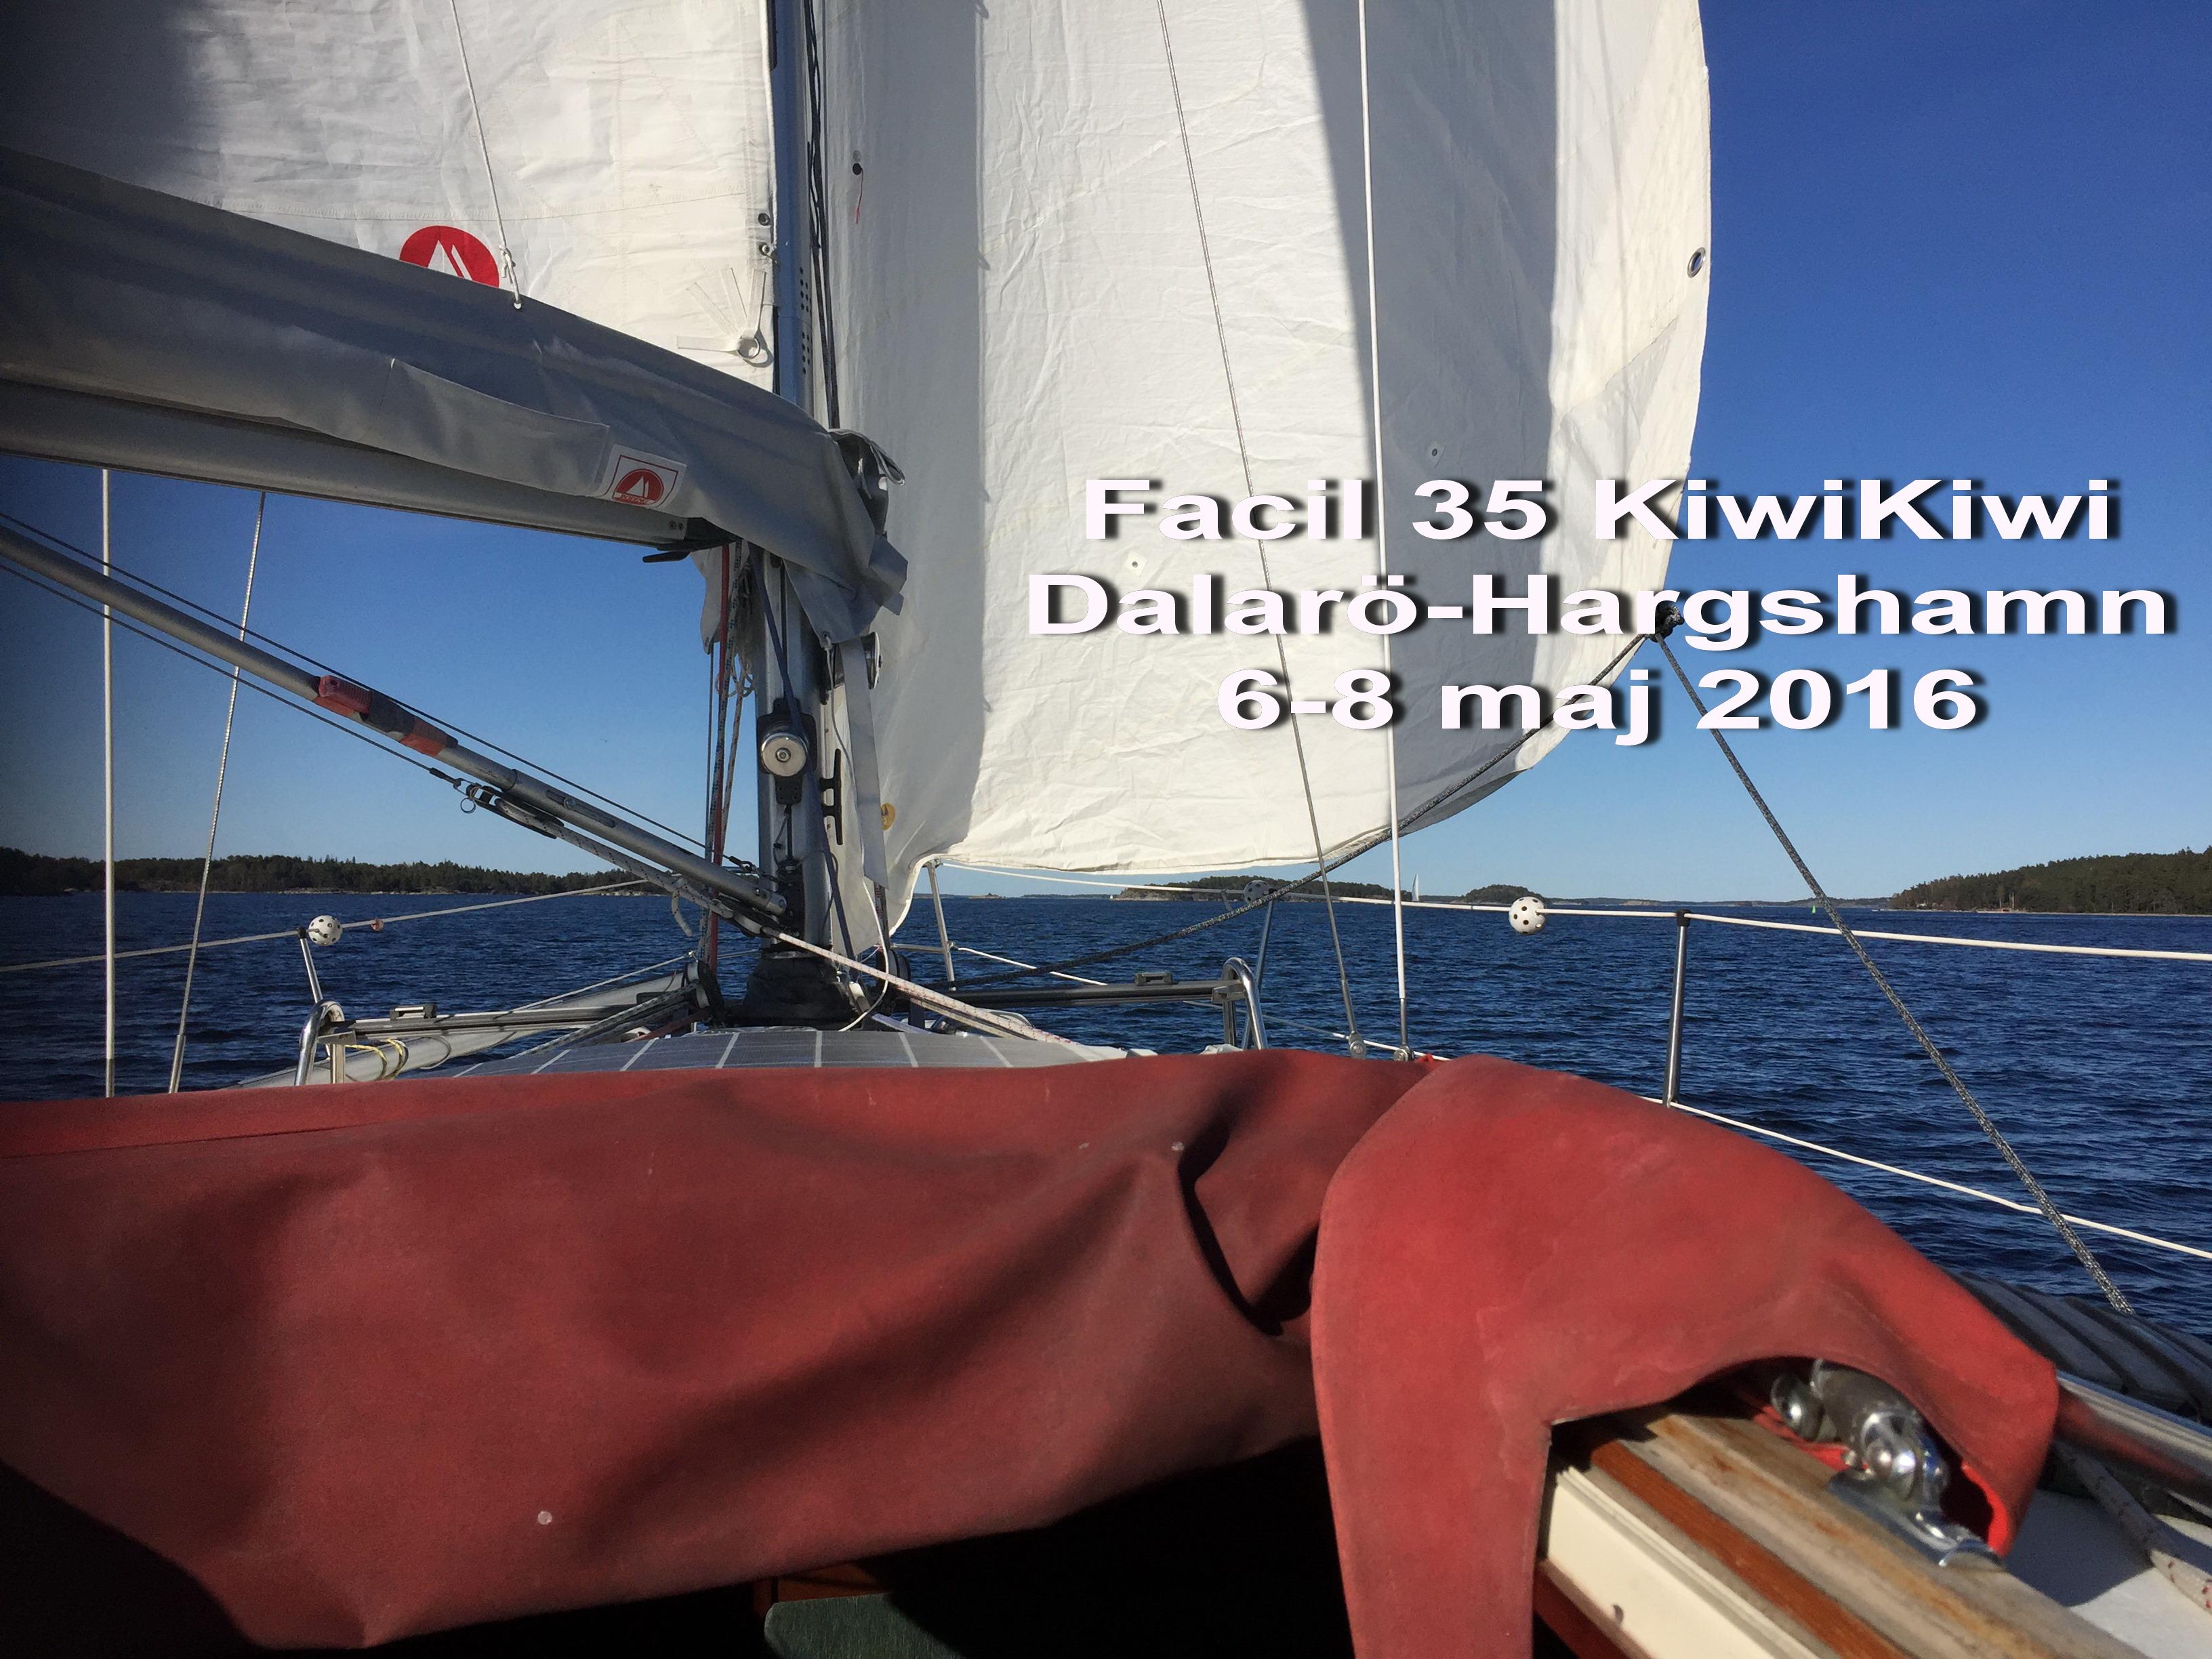 Foto 2 Kiwikiwi Olle Thunström Dalarö-Hargshamn 2016-05-6--8 Text